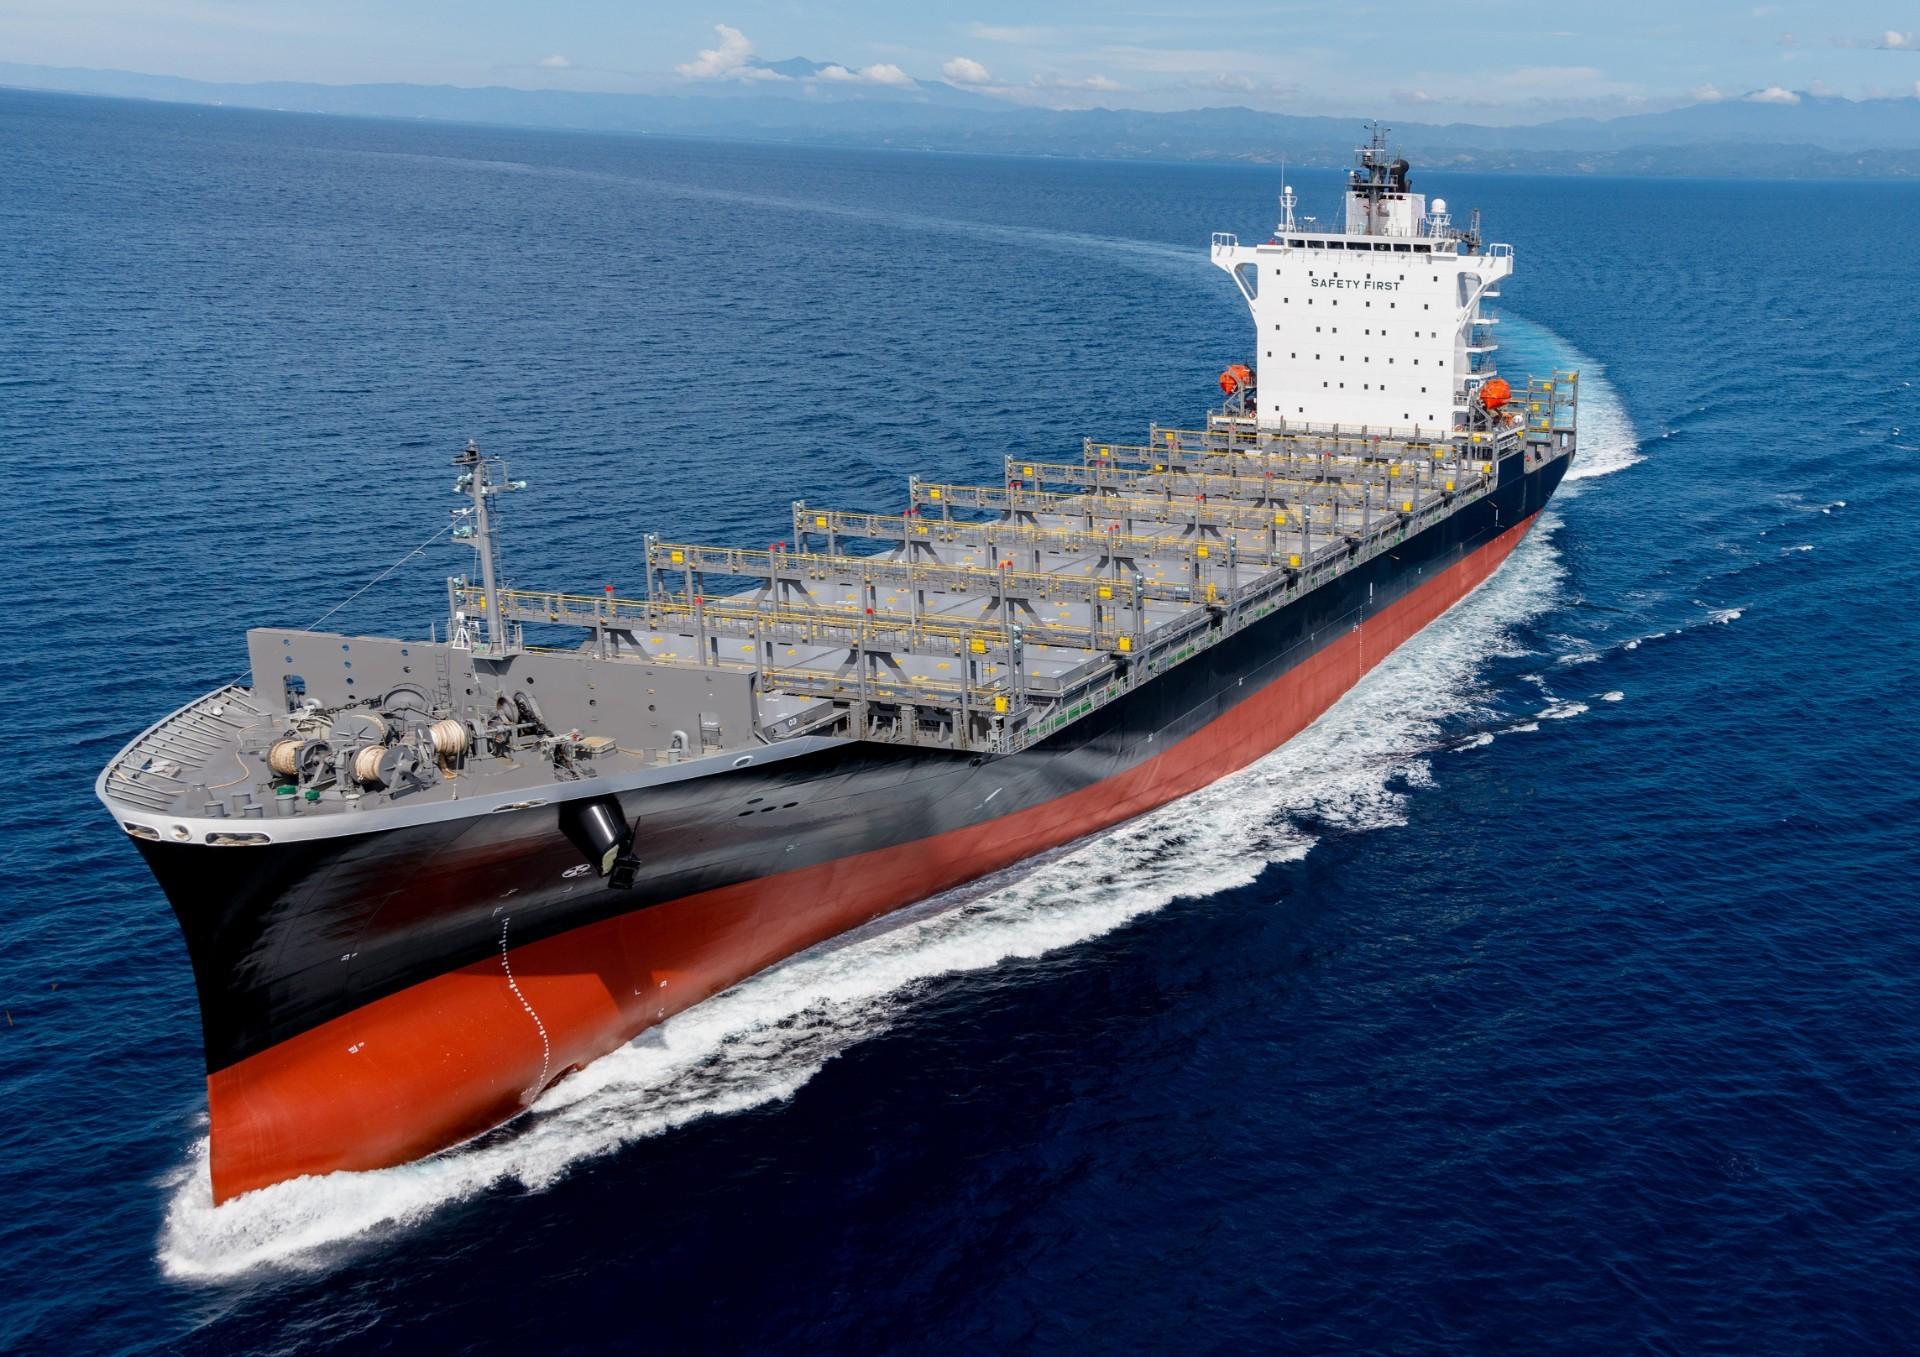 常石造船のフィリピン拠点で初建造となる1,900TEU型コンテナ運搬船